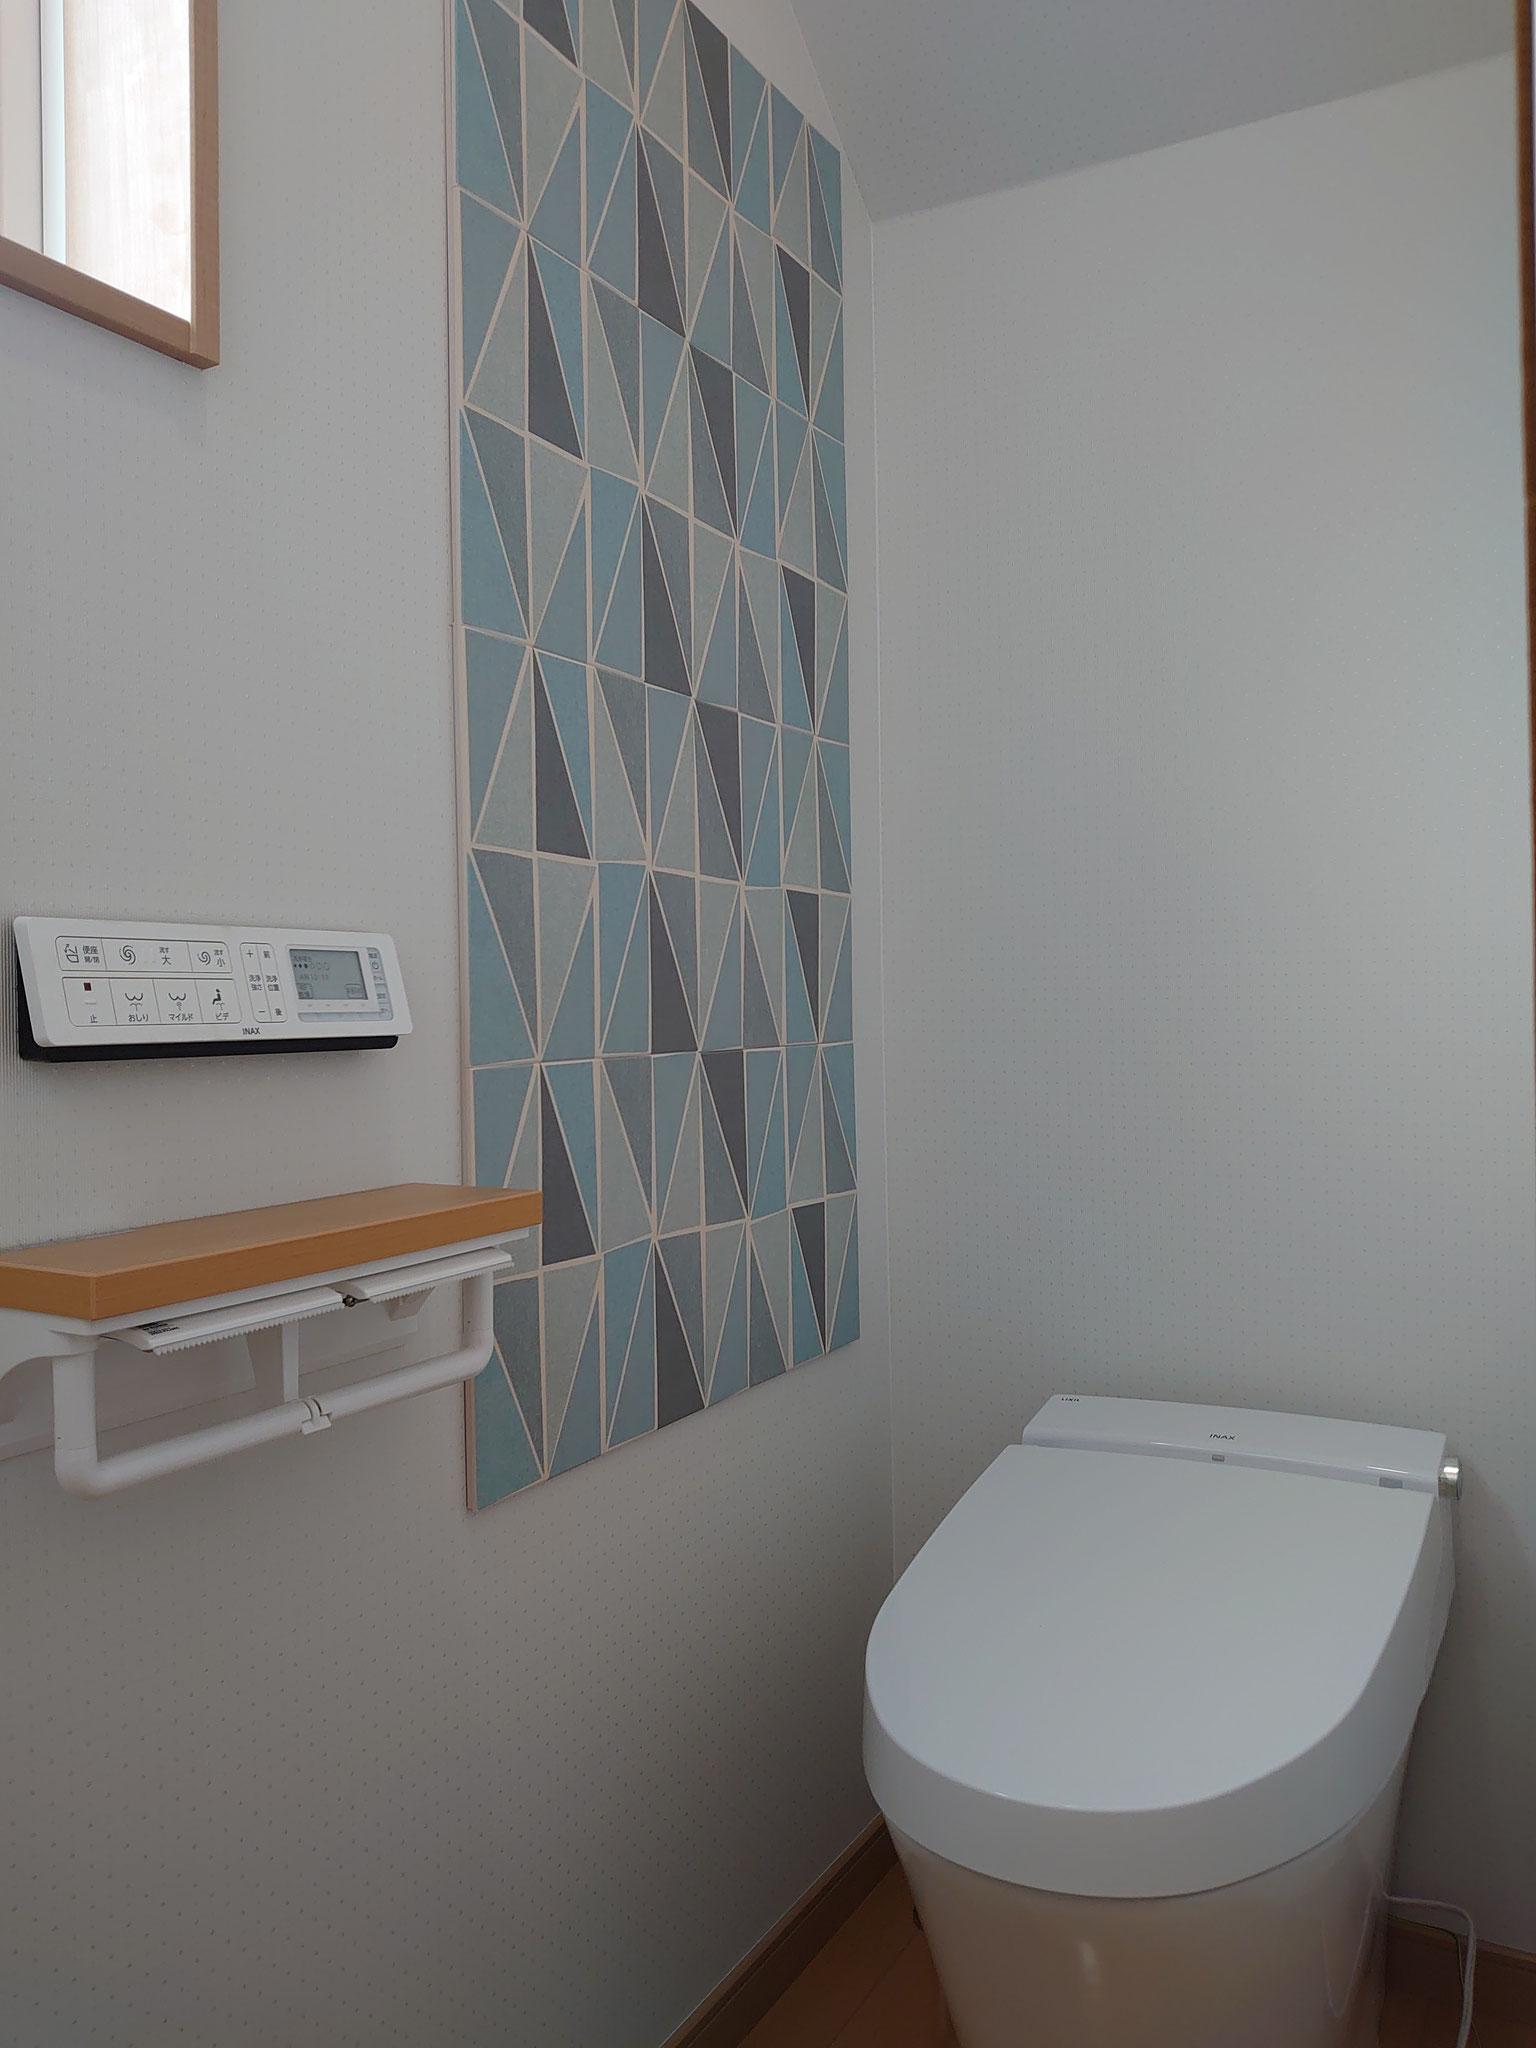 トイレの壁にはエコカラットのデザインパネルキットを使用しています。